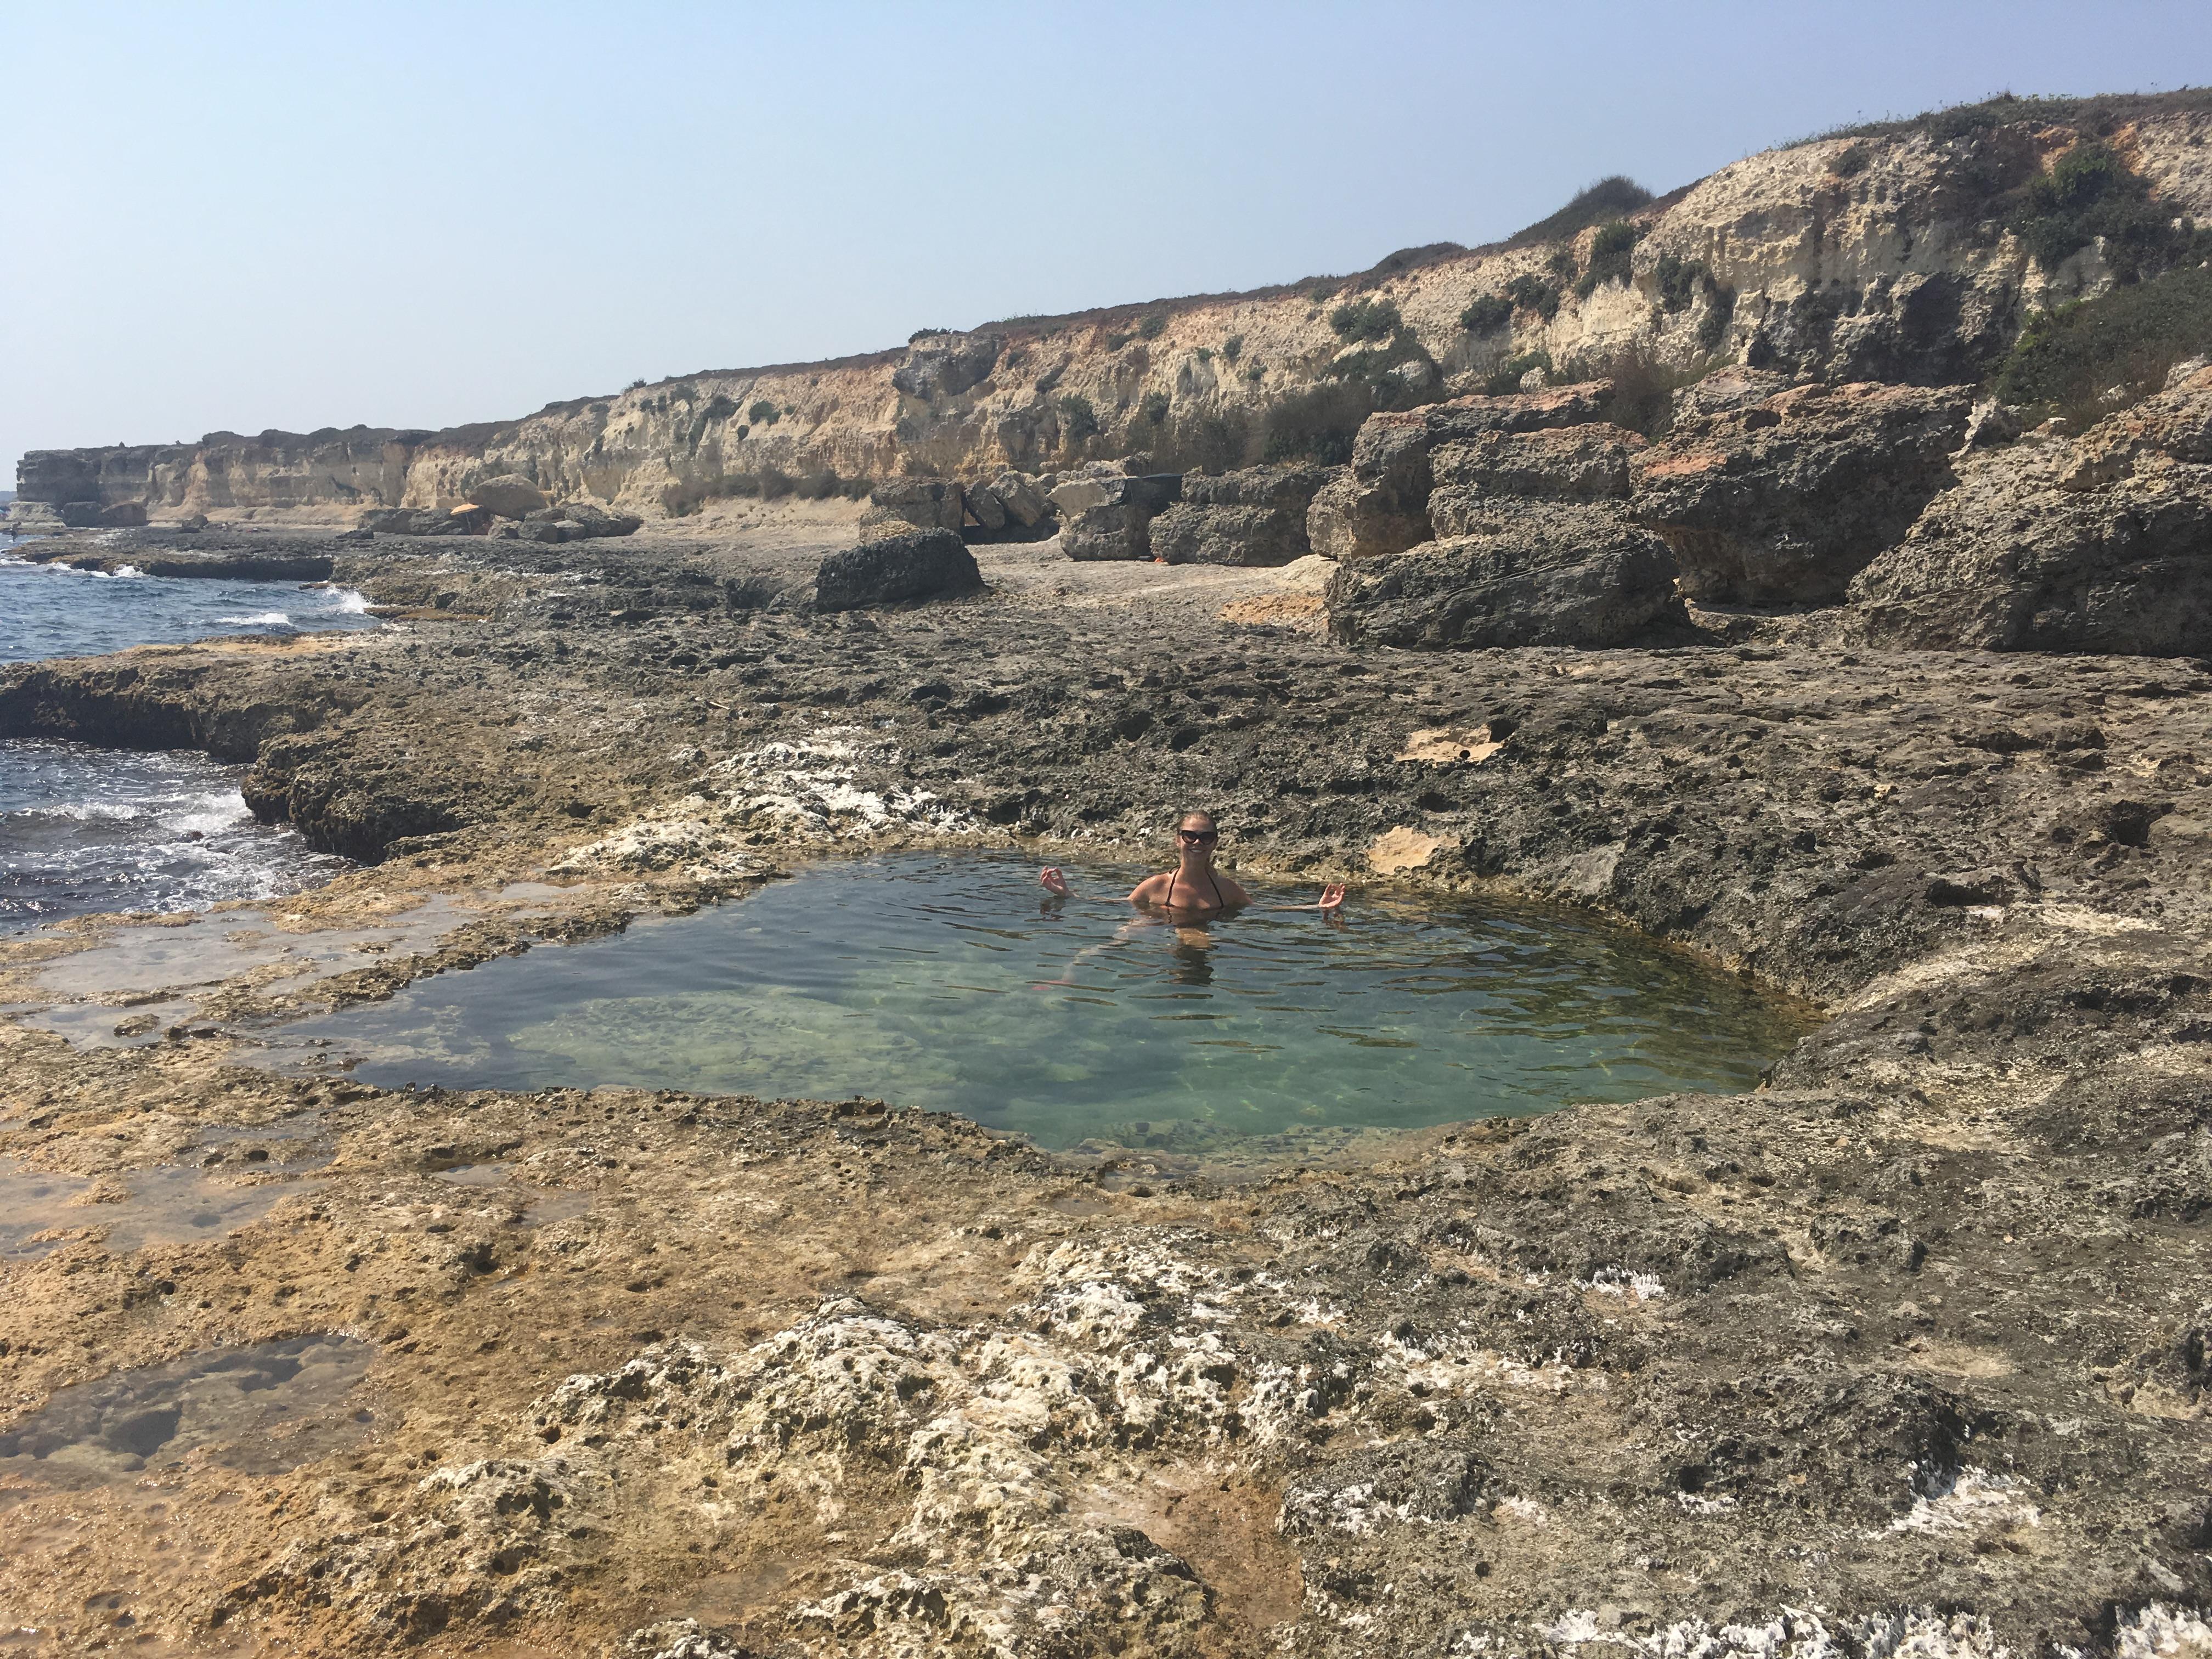 Grotte dell'acqua dolce